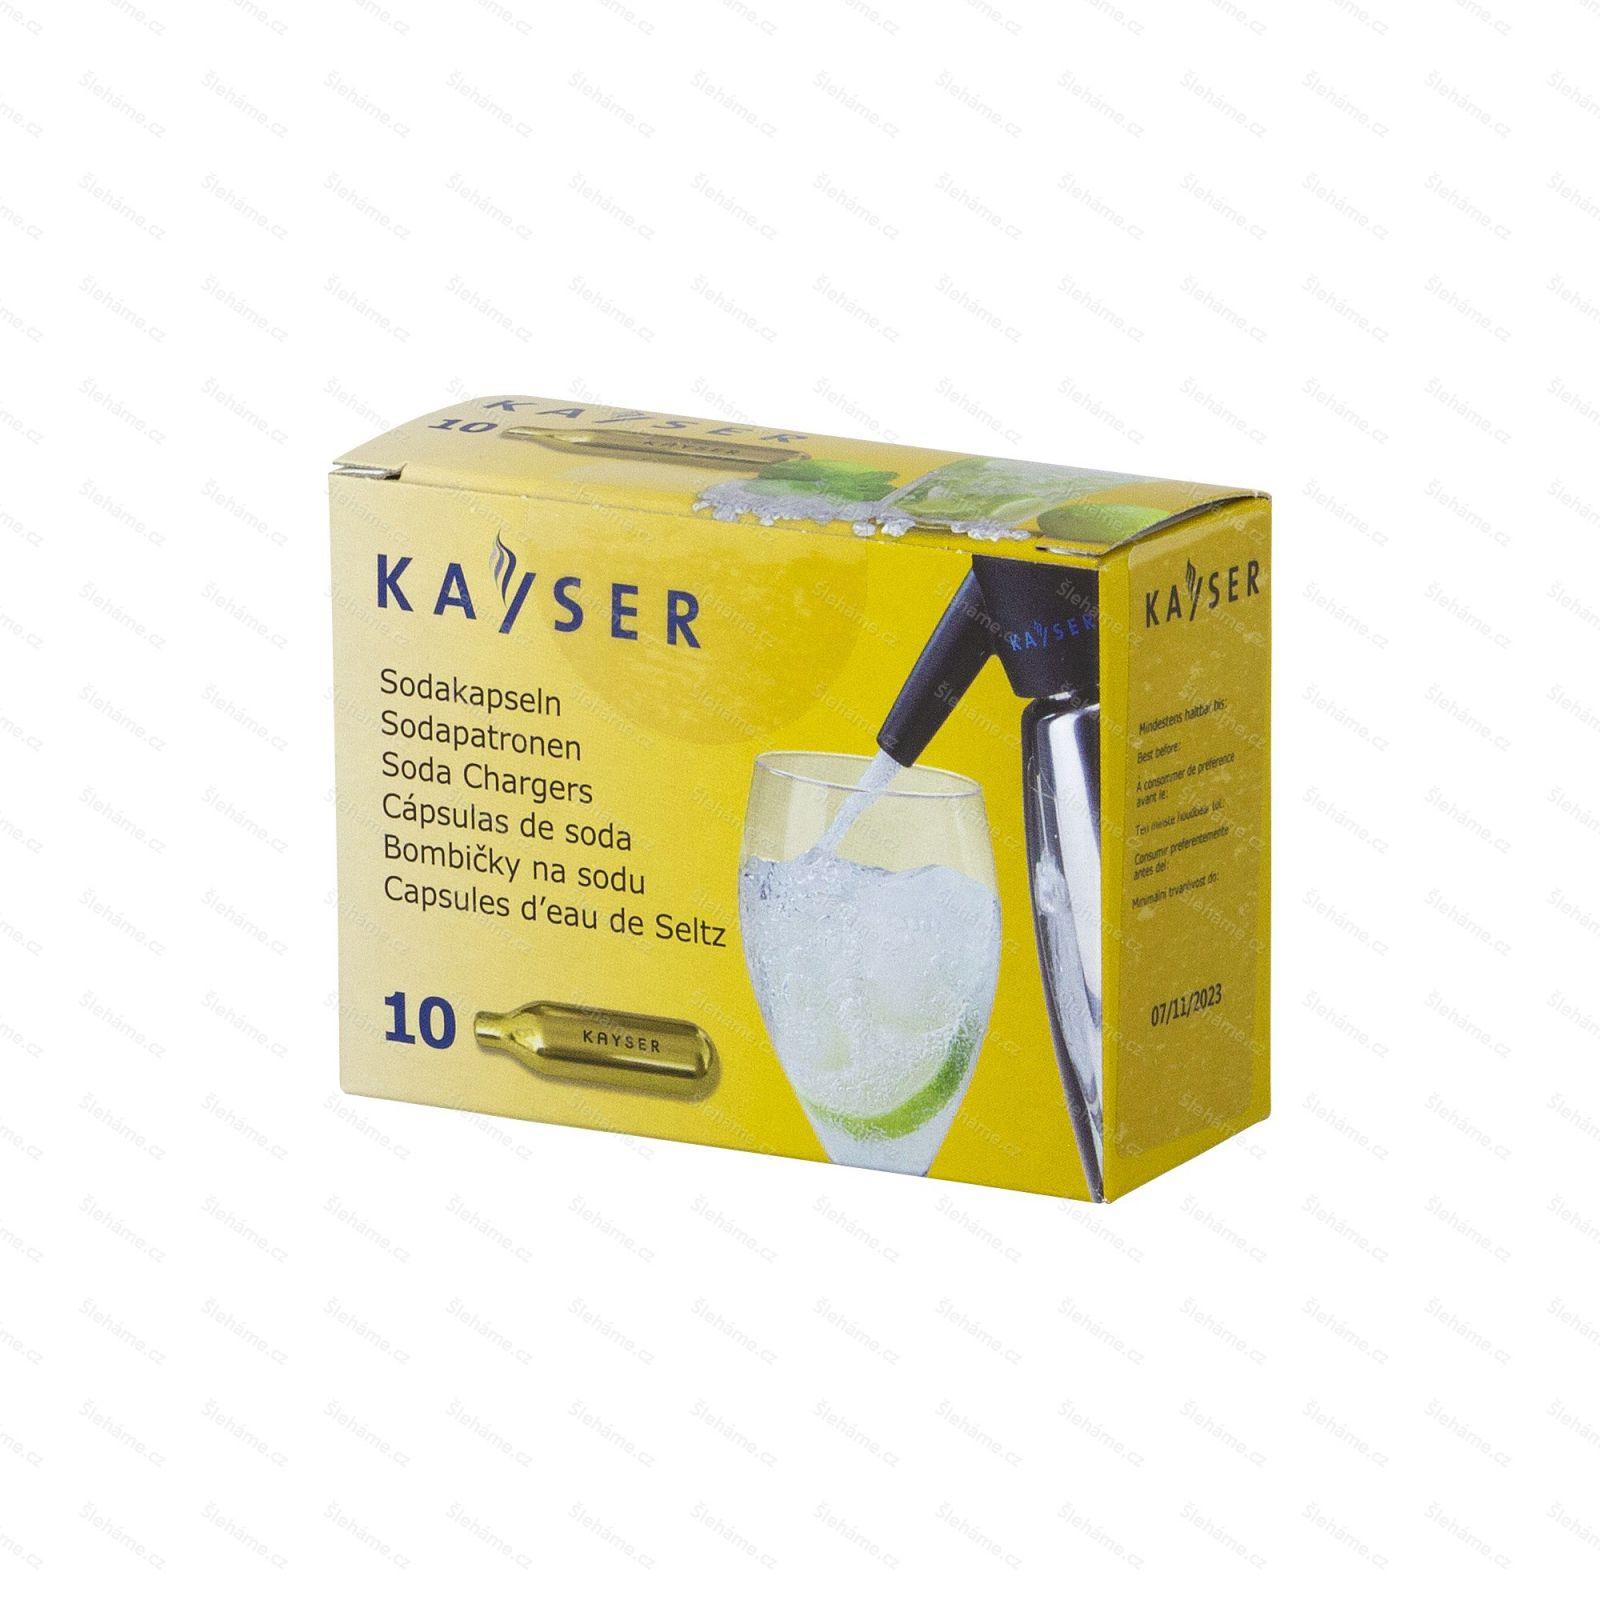 Sifonové bombičky Kayser 7.5 g CO2, 10 ks (na jedno použití)